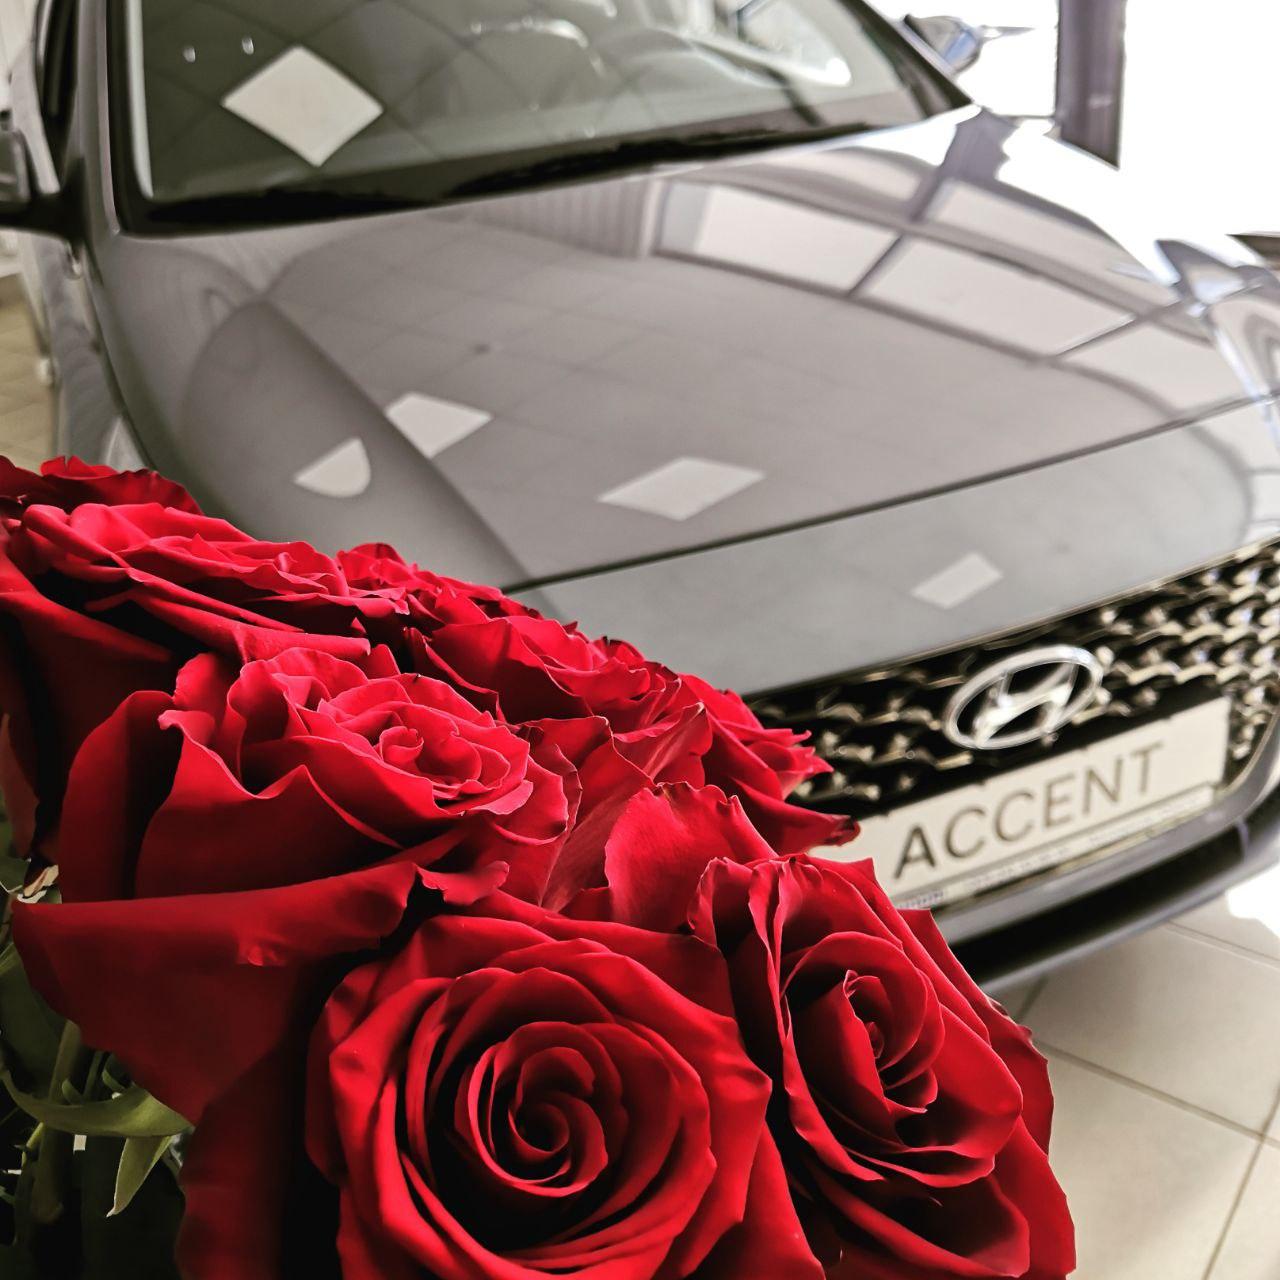 Сообщаем Вам, что 5 марта отдел продаж автомобилей работает до 17:00.